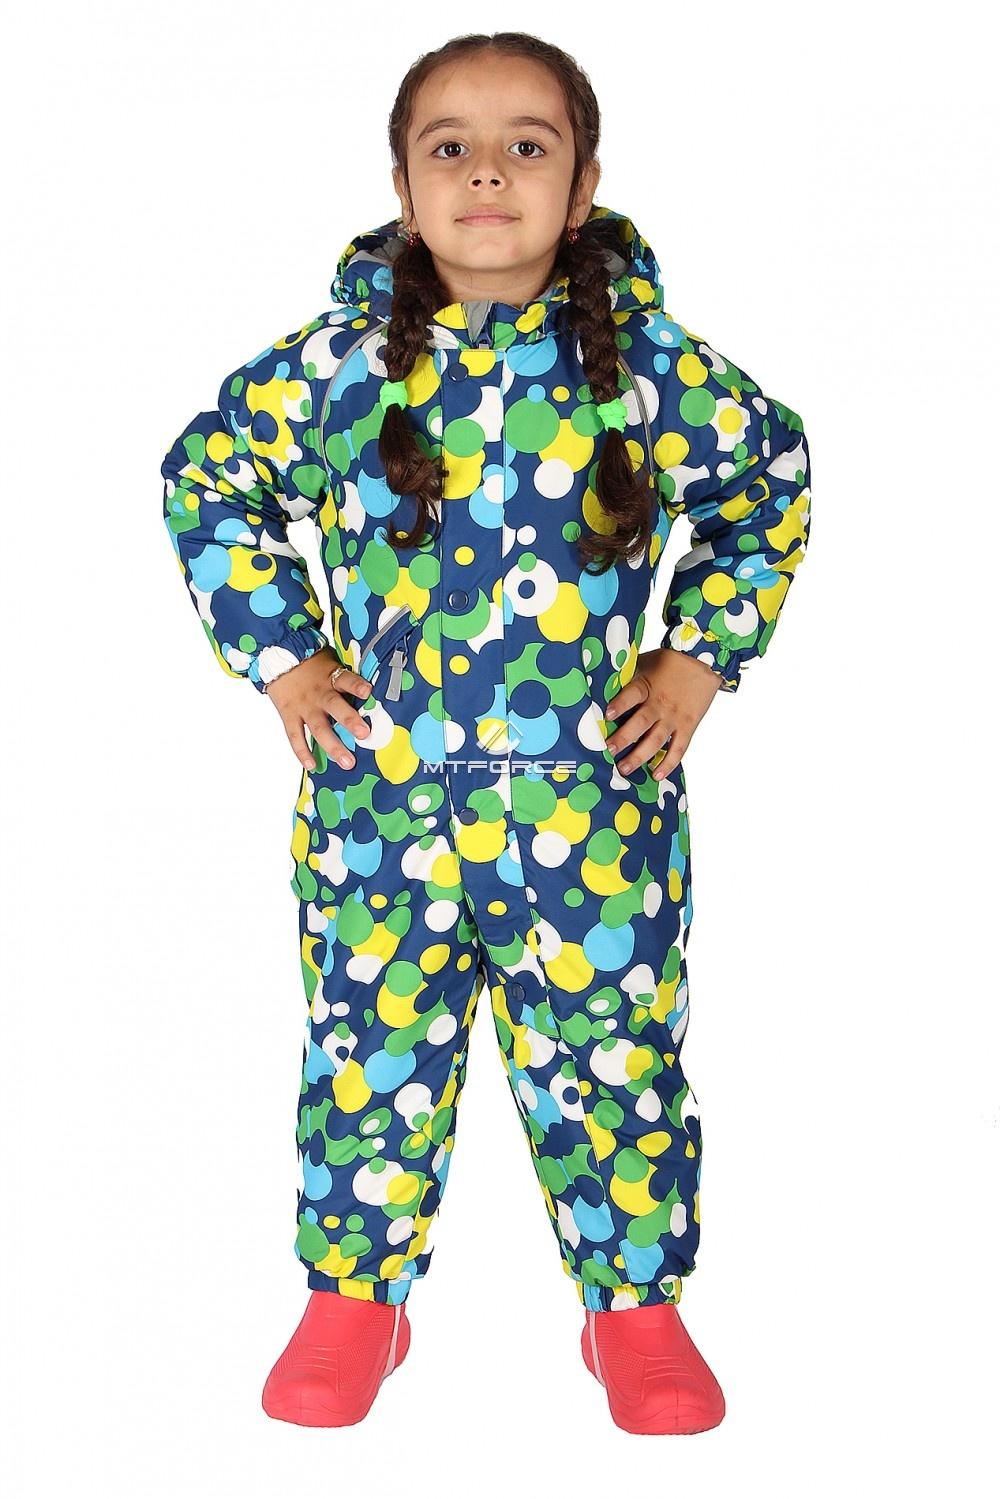 Купить                                  оптом Комбинезон горнолыжный детский синий цвета 6110S в Санкт-Петербурге